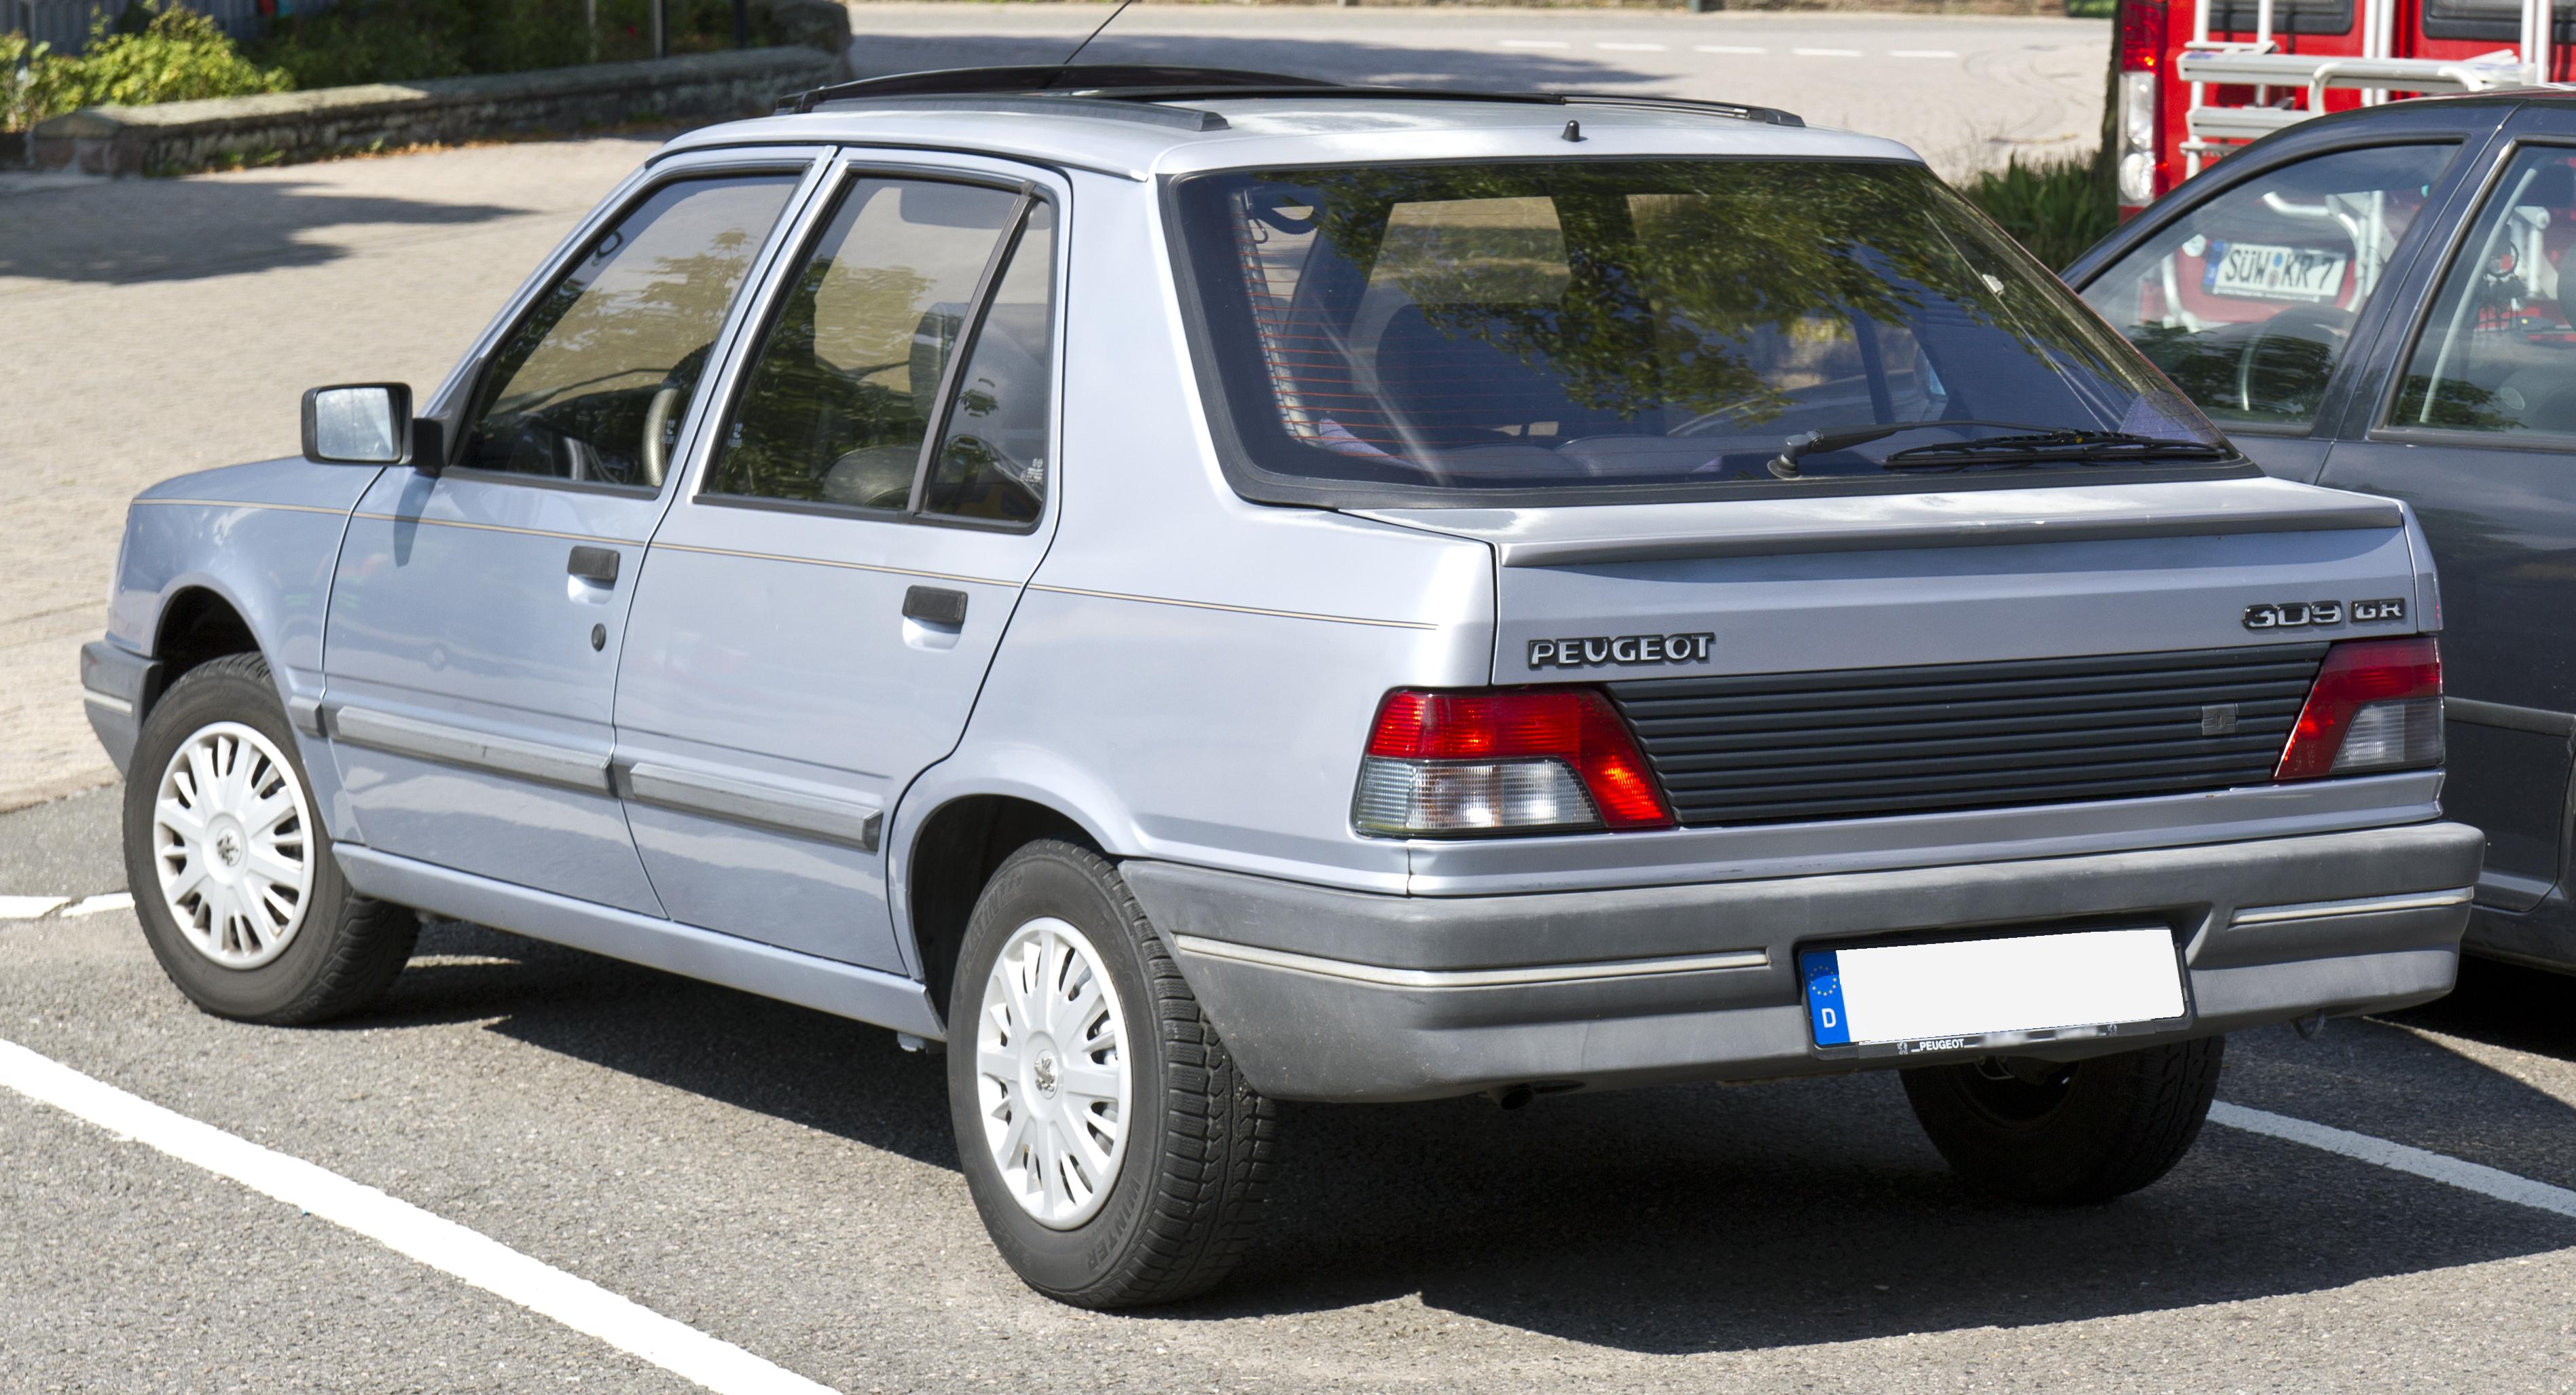 Sidste nye File:Peugeot 309 GR rear 20140731.jpg - Wikimedia Commons MP-42